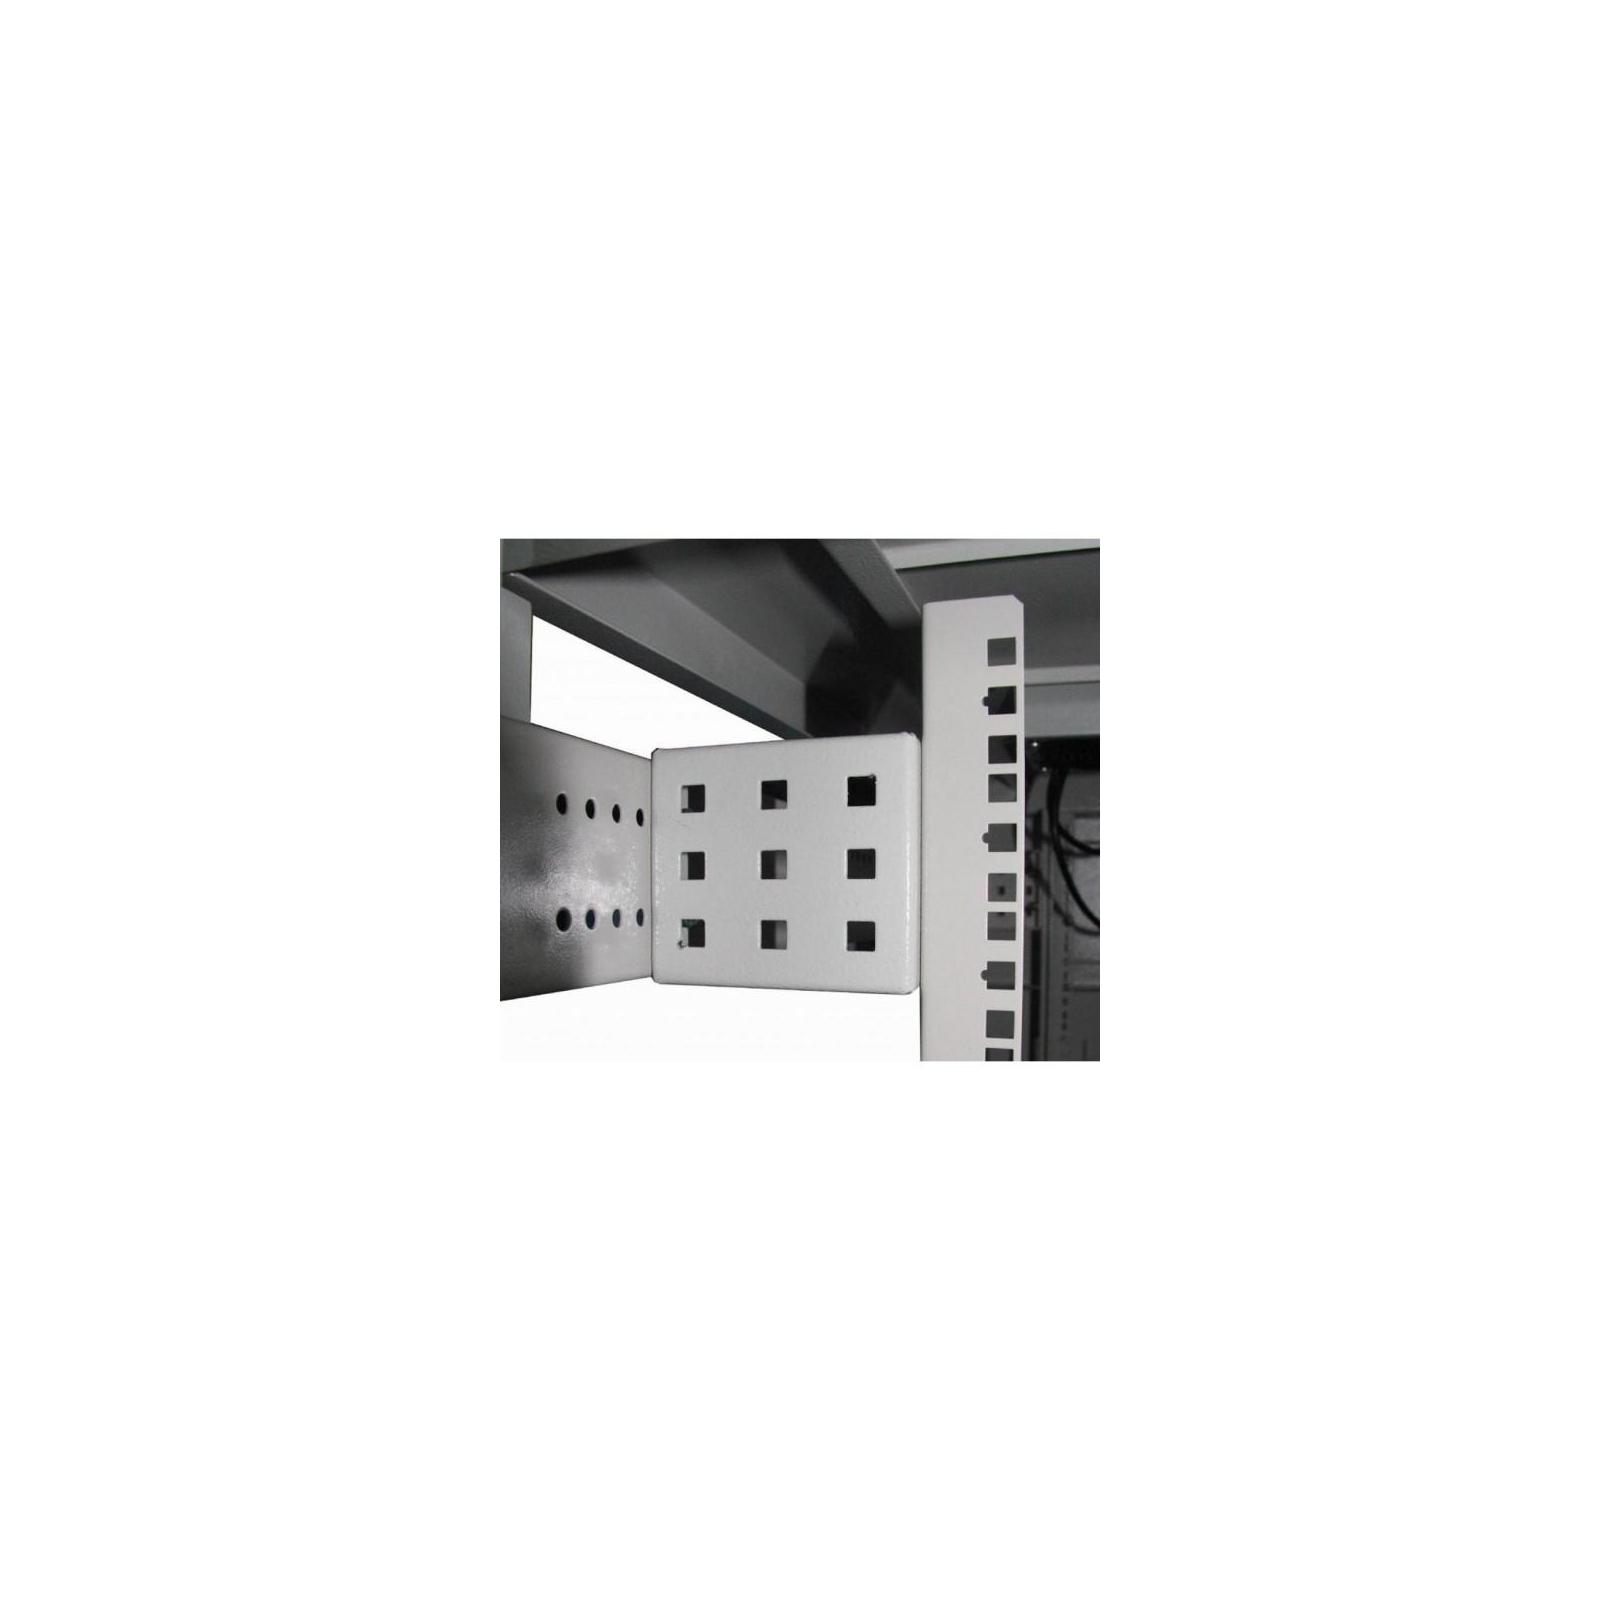 Шкаф напольный CSV 42U Rackmount S 800x1200 Acrylic изображение 5